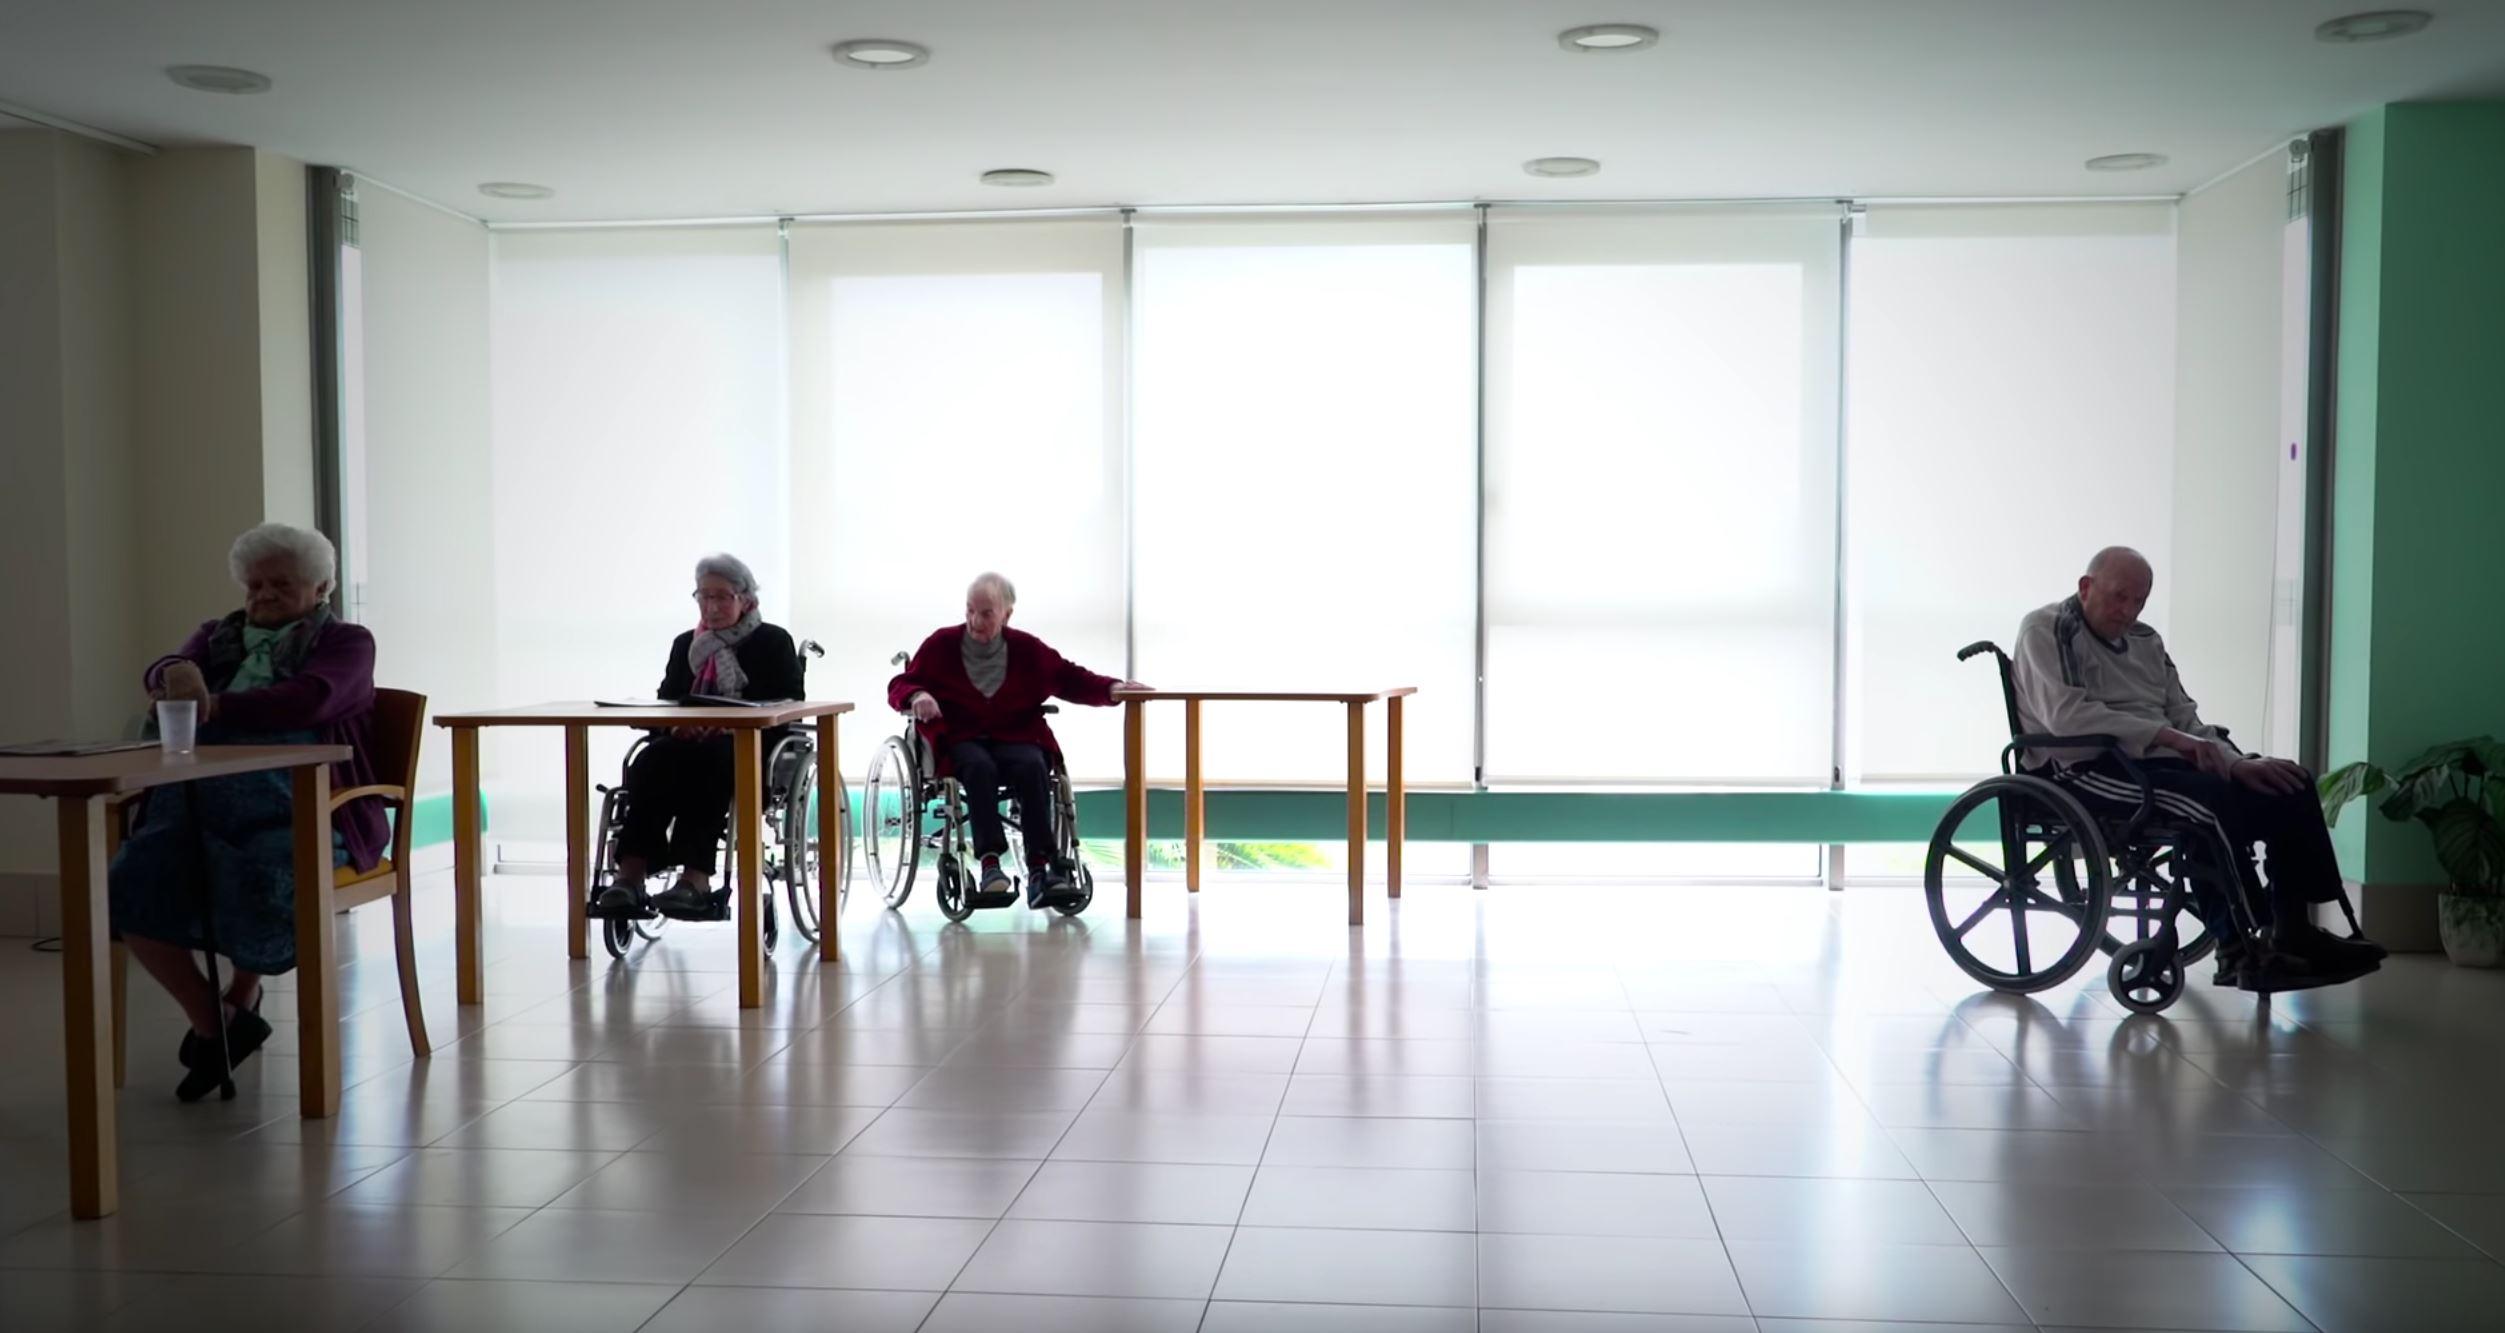 Fotograma del vídeo 'Parking' de Matia Fundazioa